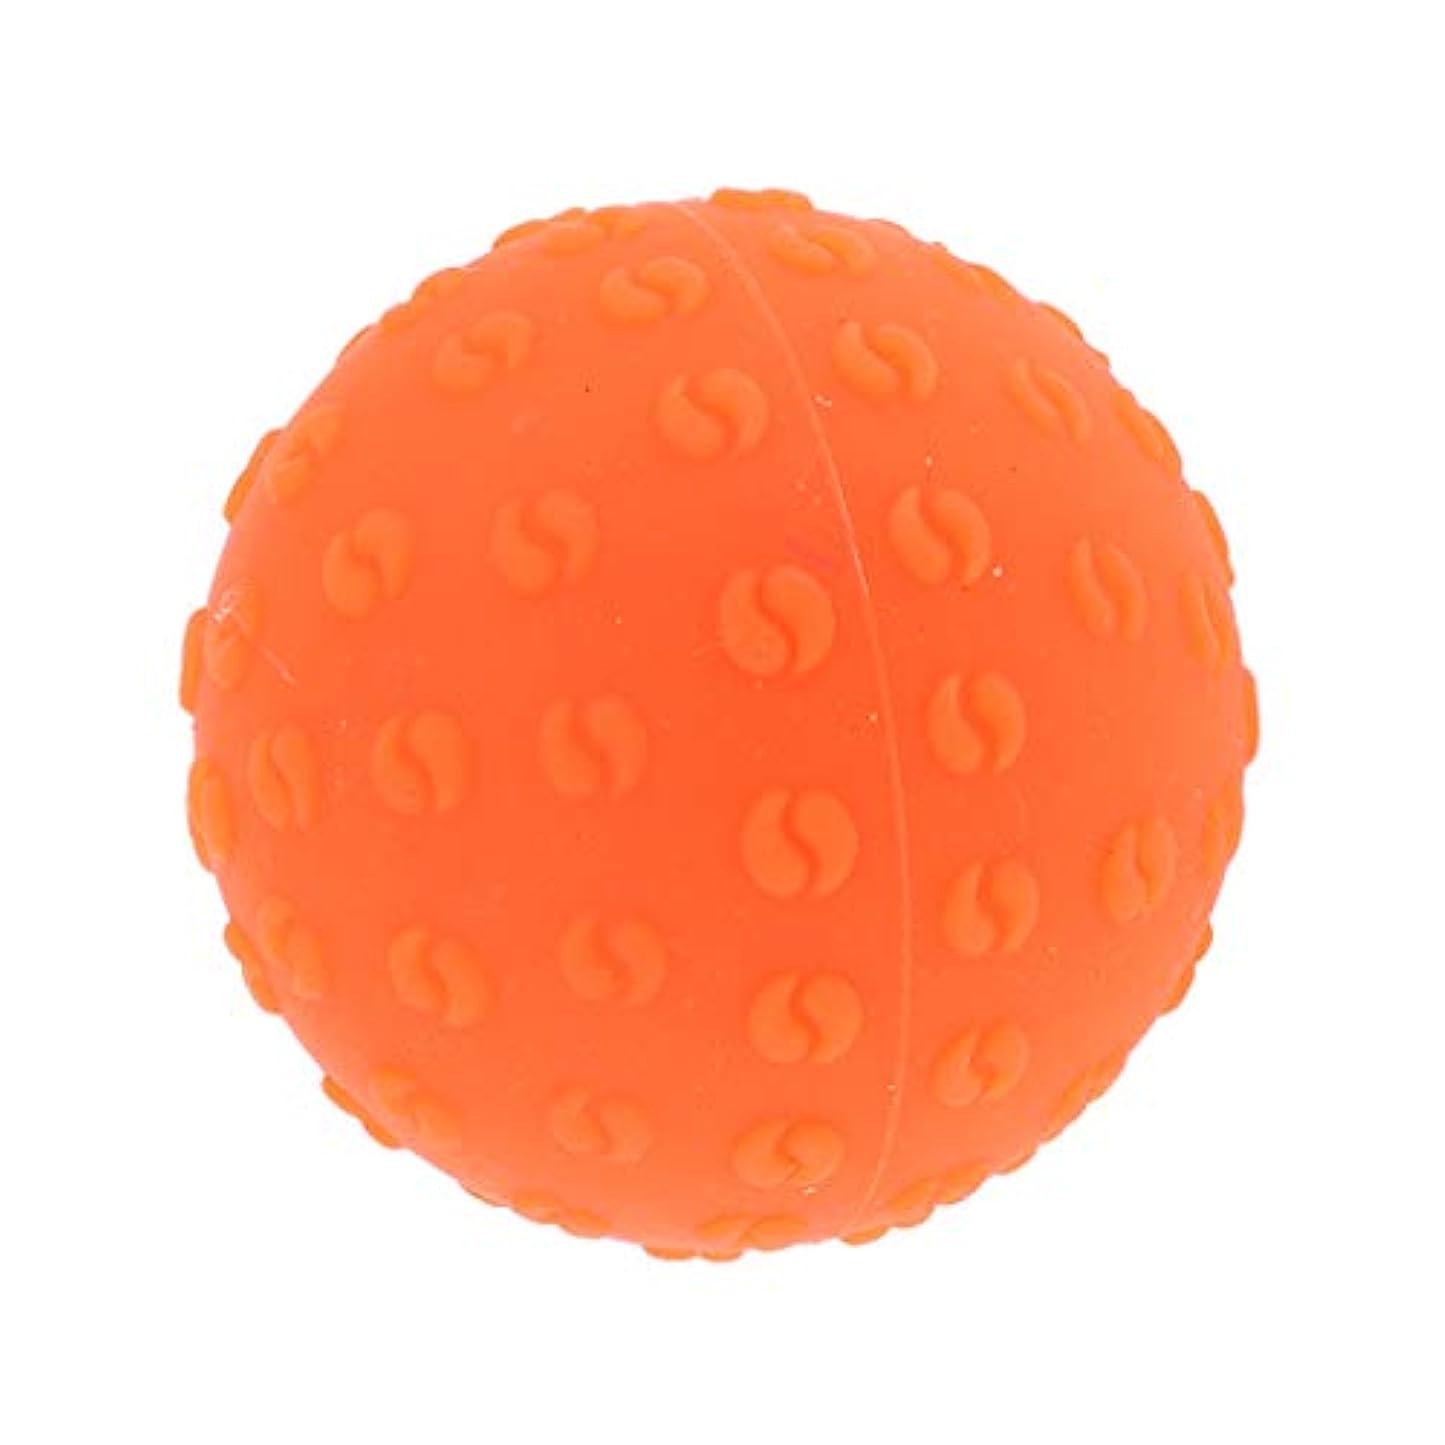 意図的はがきアカデミックマッサージボール 指圧ボール シリコーン トリガーポイント 足底筋膜炎 ヨガ ツボ押しグッズ 全6色 - オレンジ, 説明のとおり